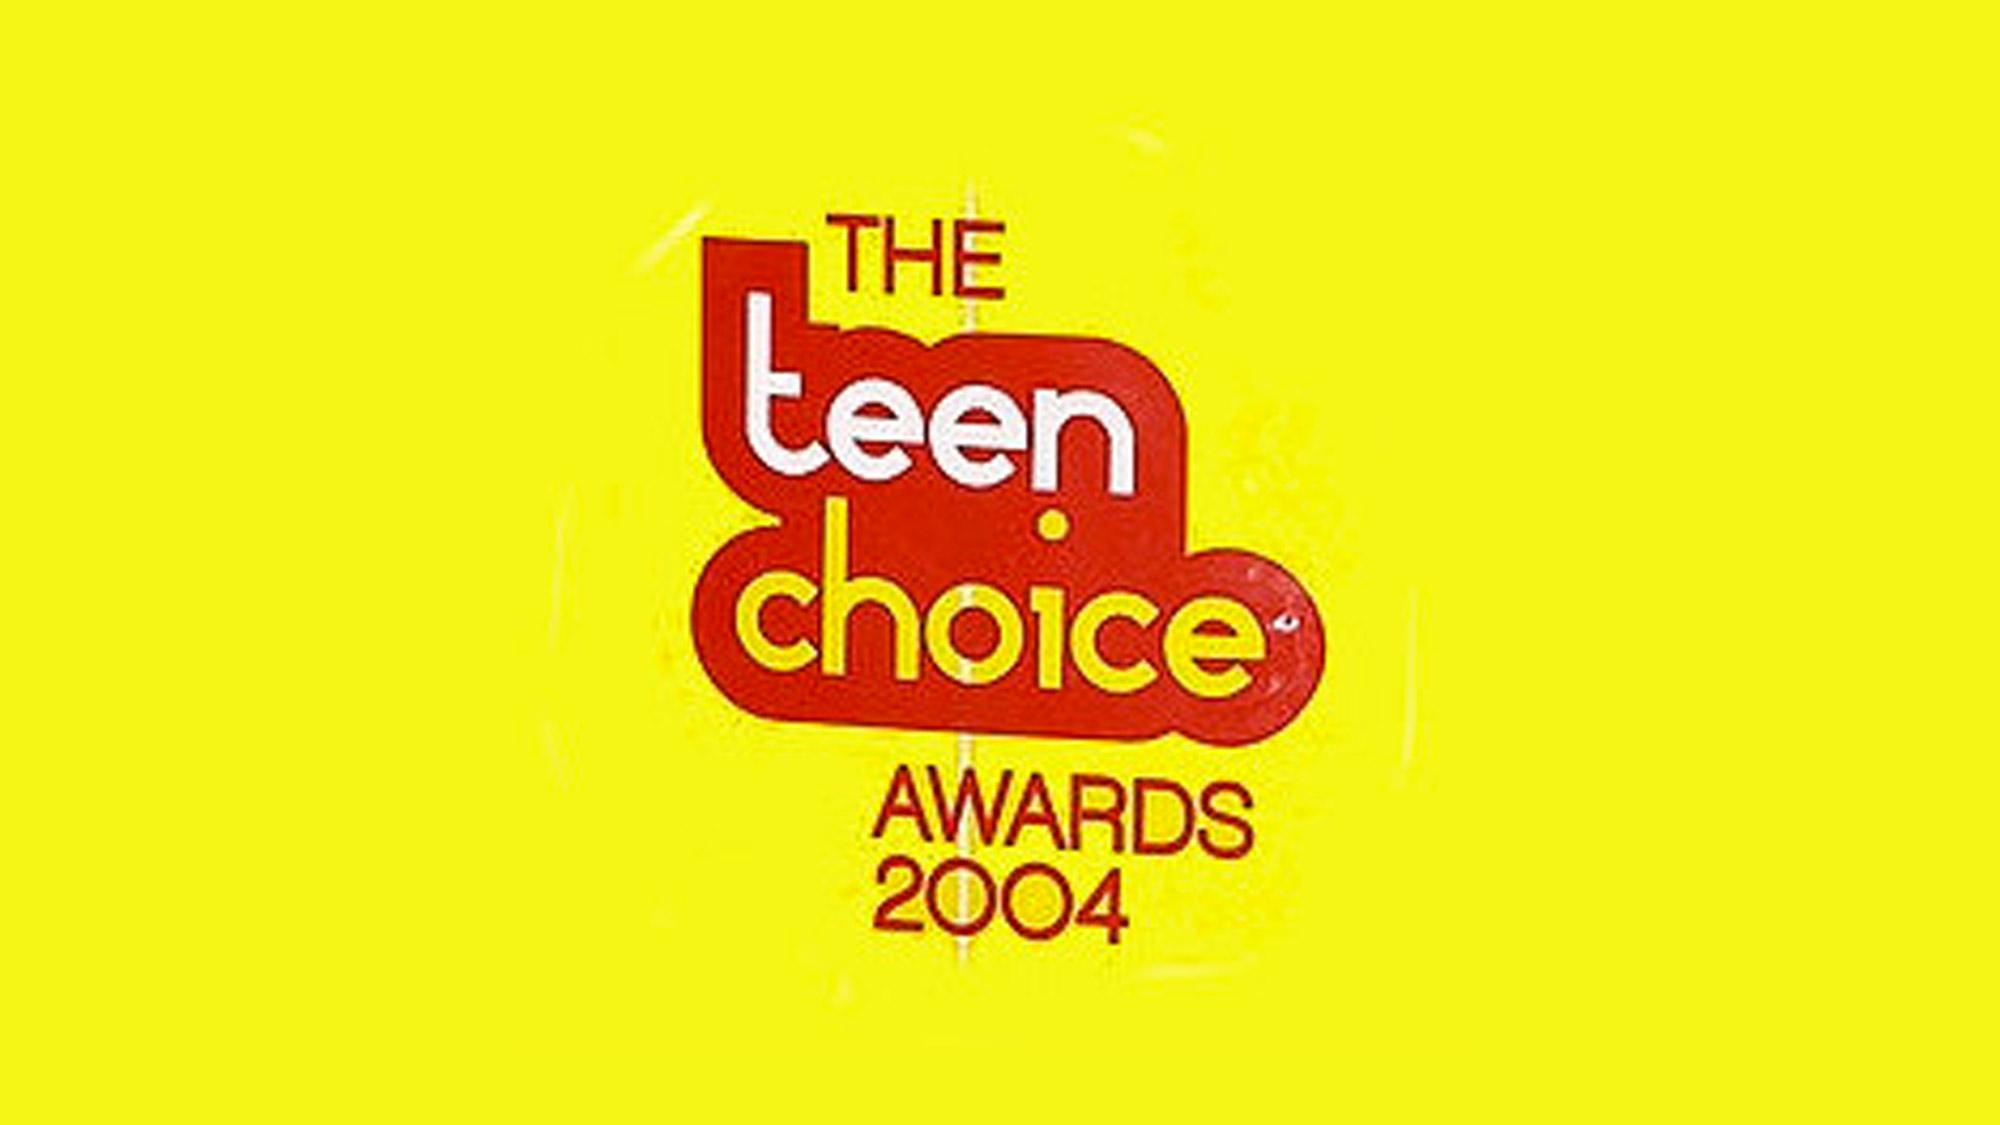 Les Teen Choice Awards 2004.